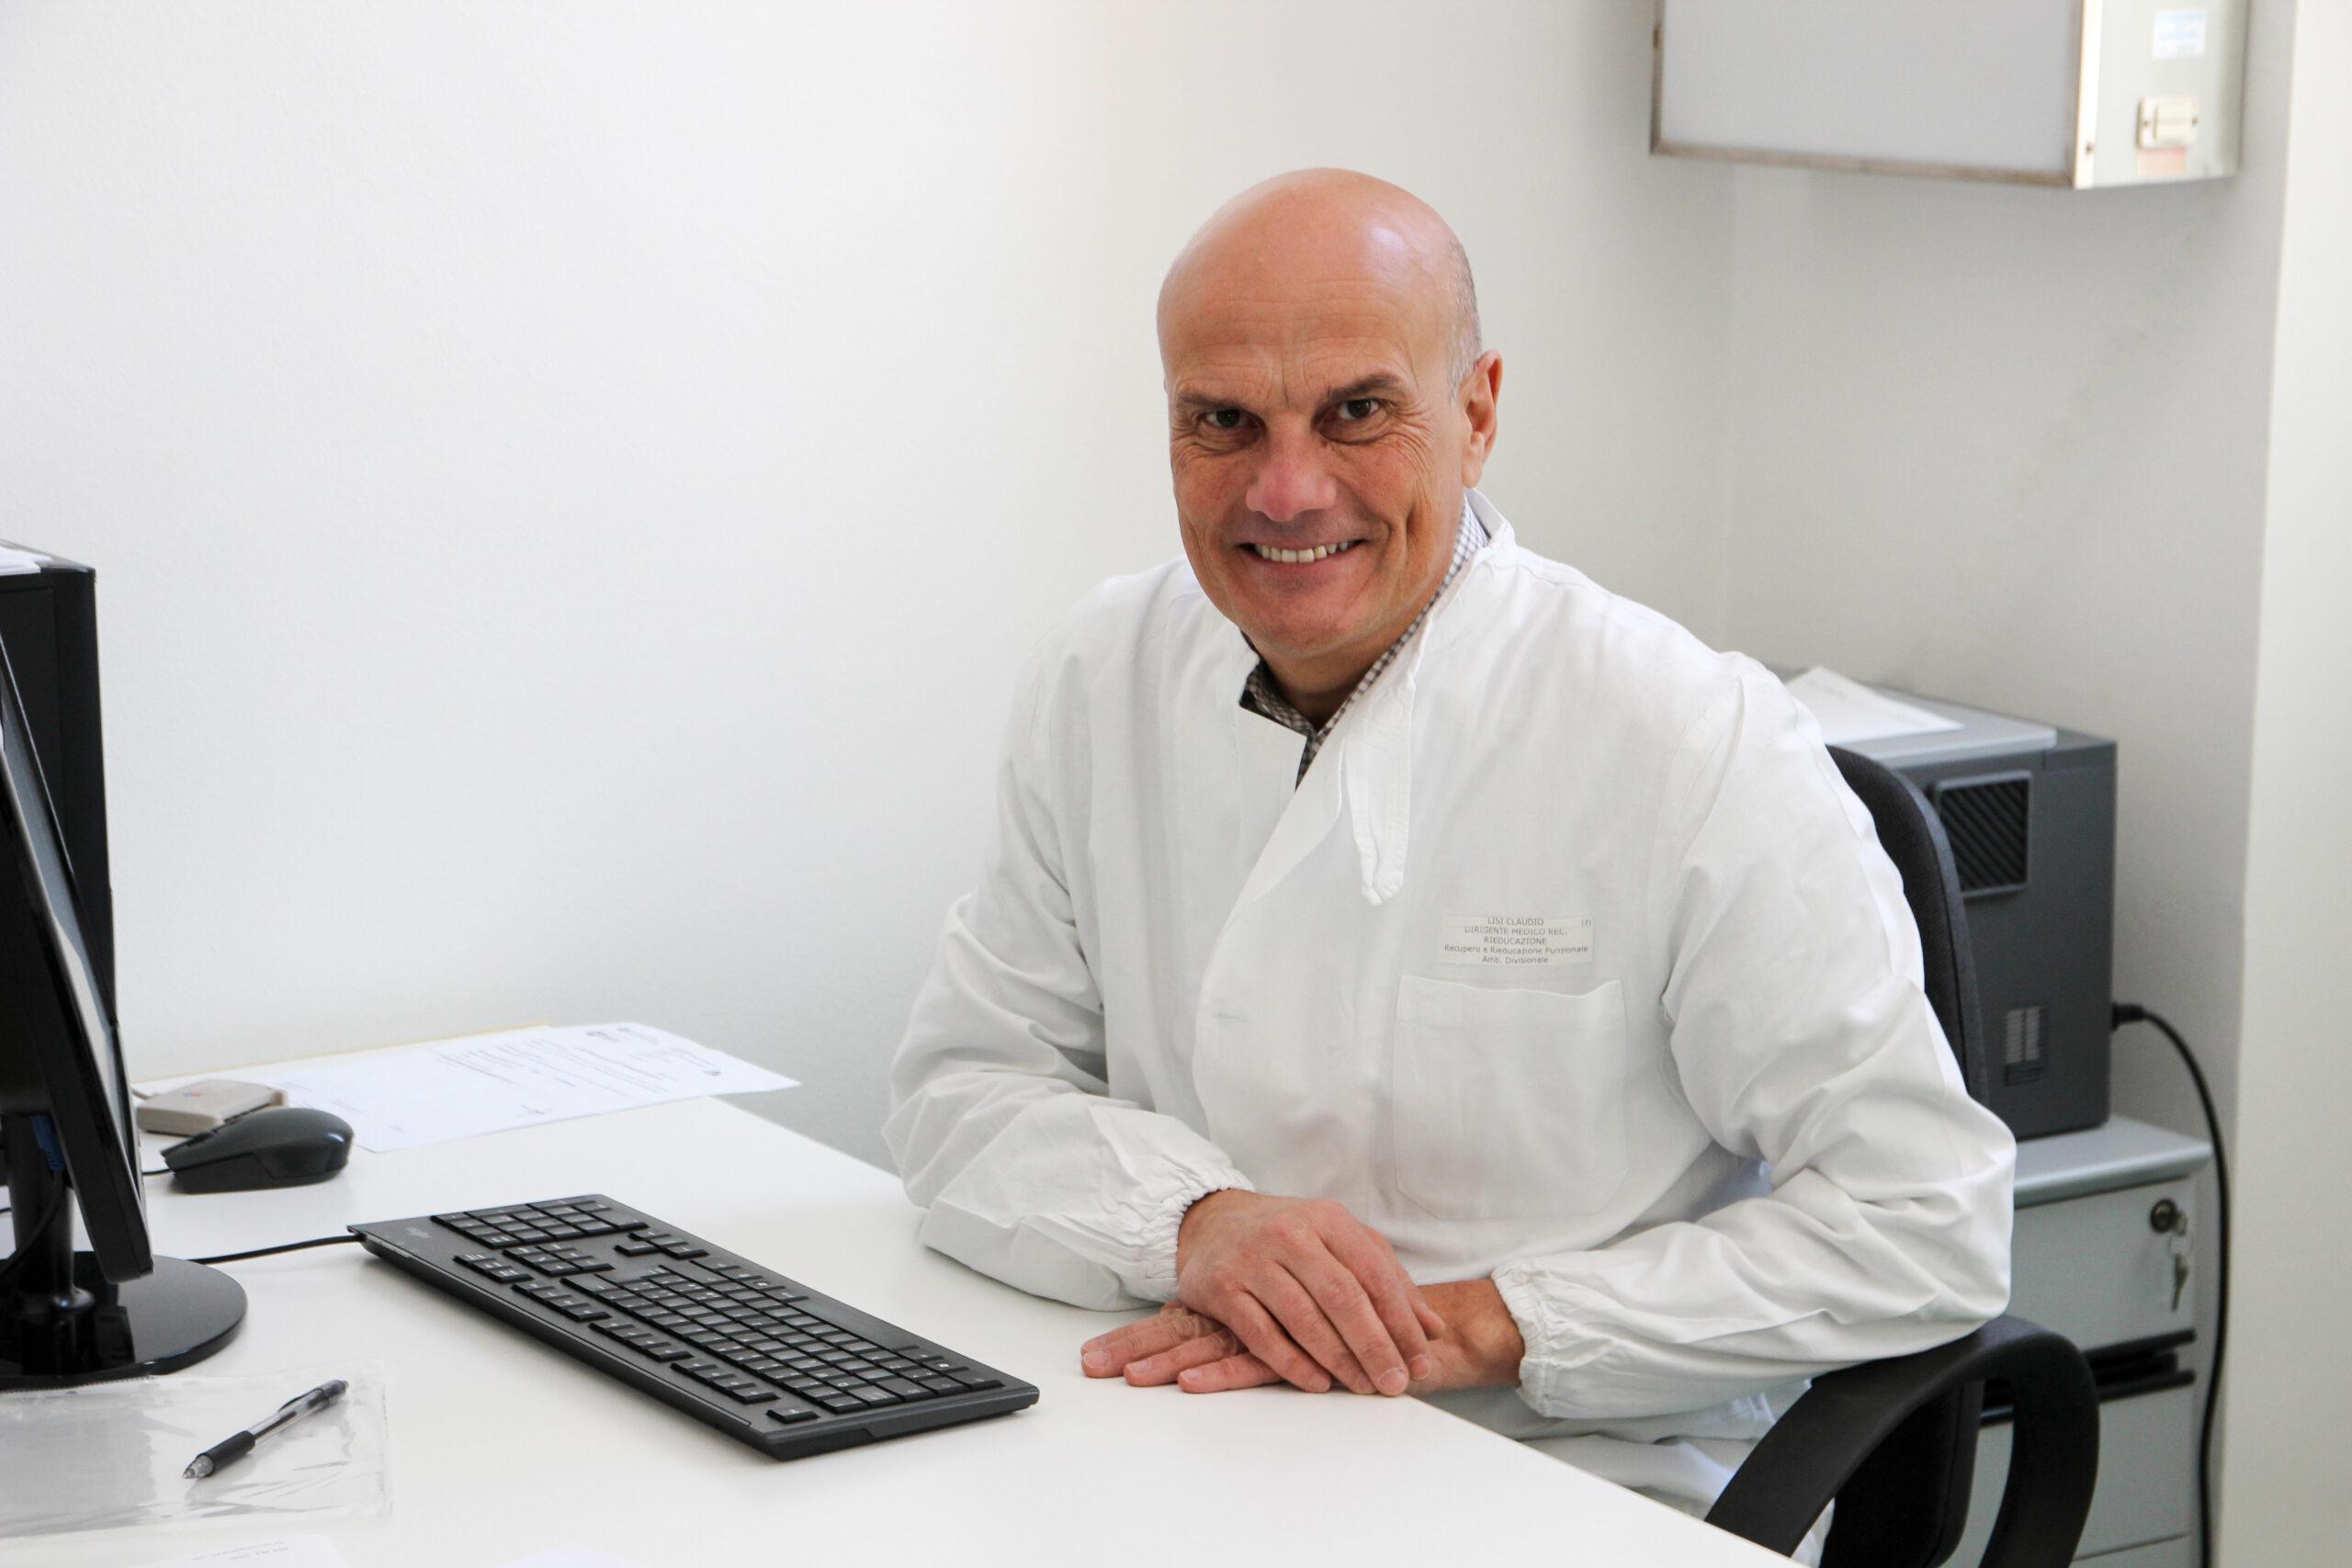 Claudio Lisi